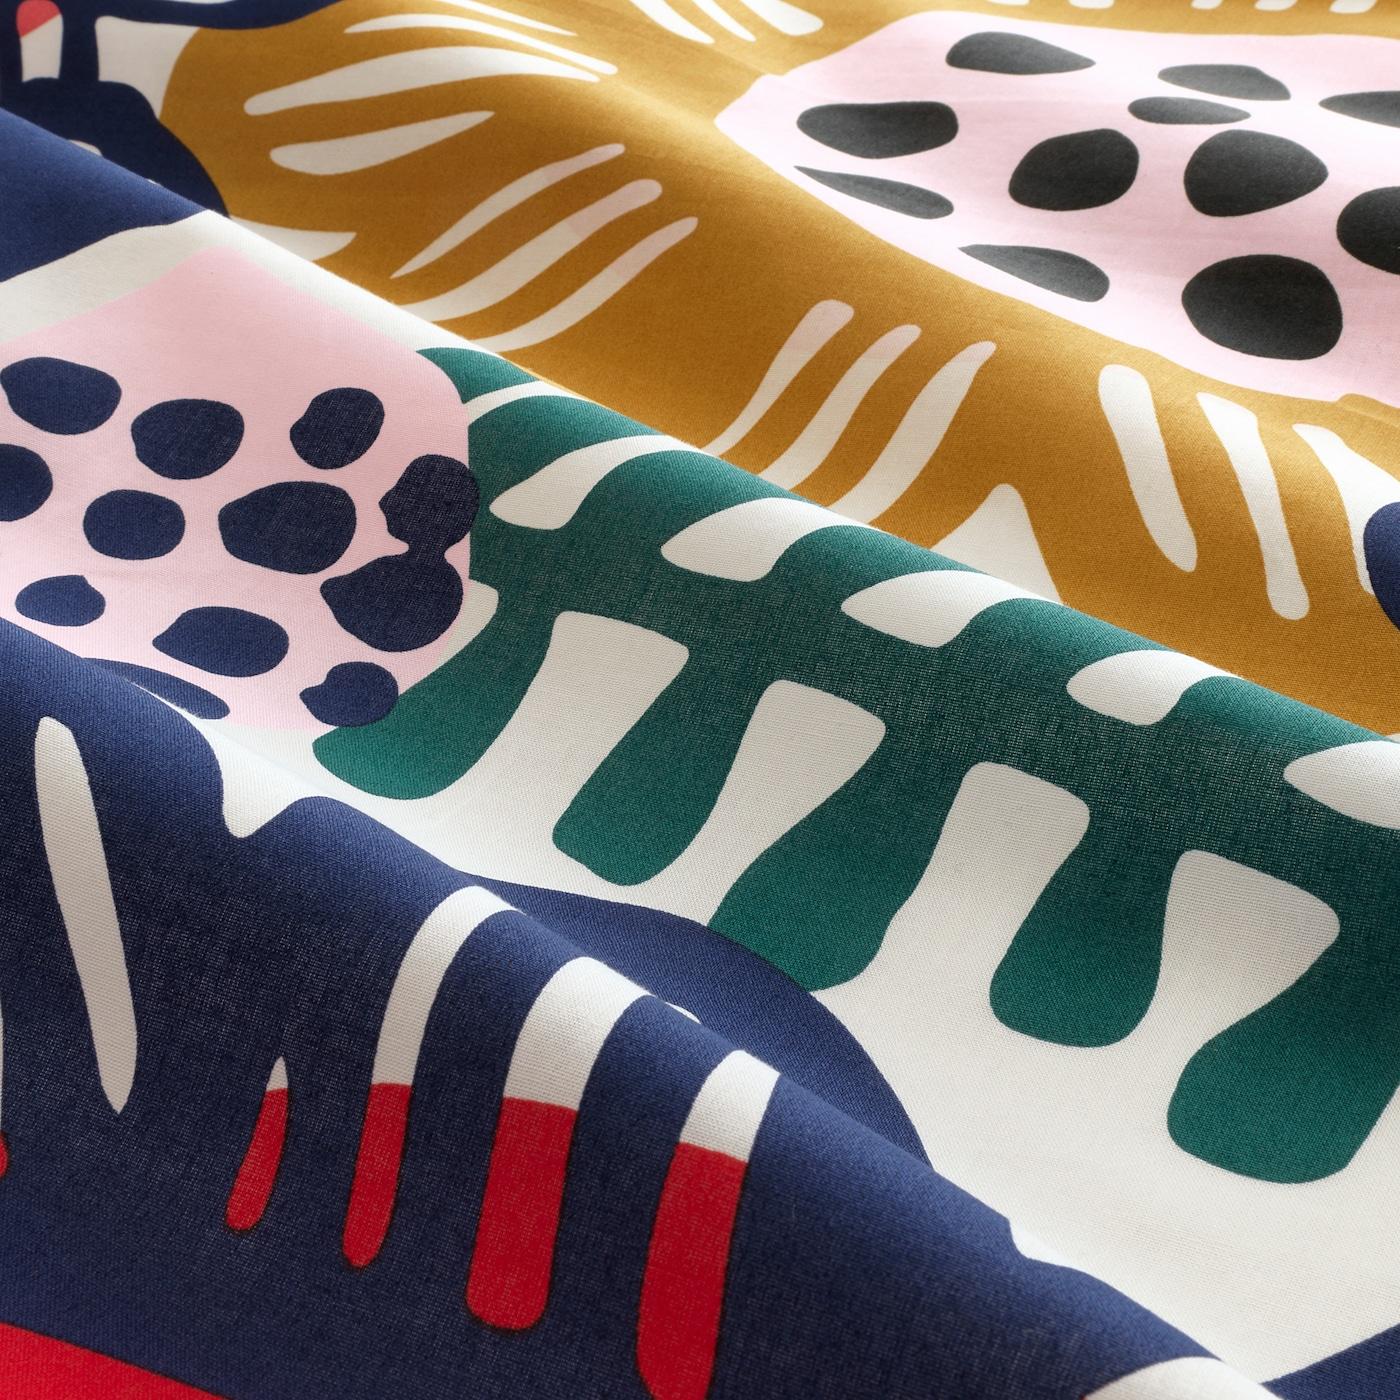 IKEA SOMMARASTER DUVET COVER SET MULTICOLOUR FLORAL BEDDING QUILT 100/% COTTON